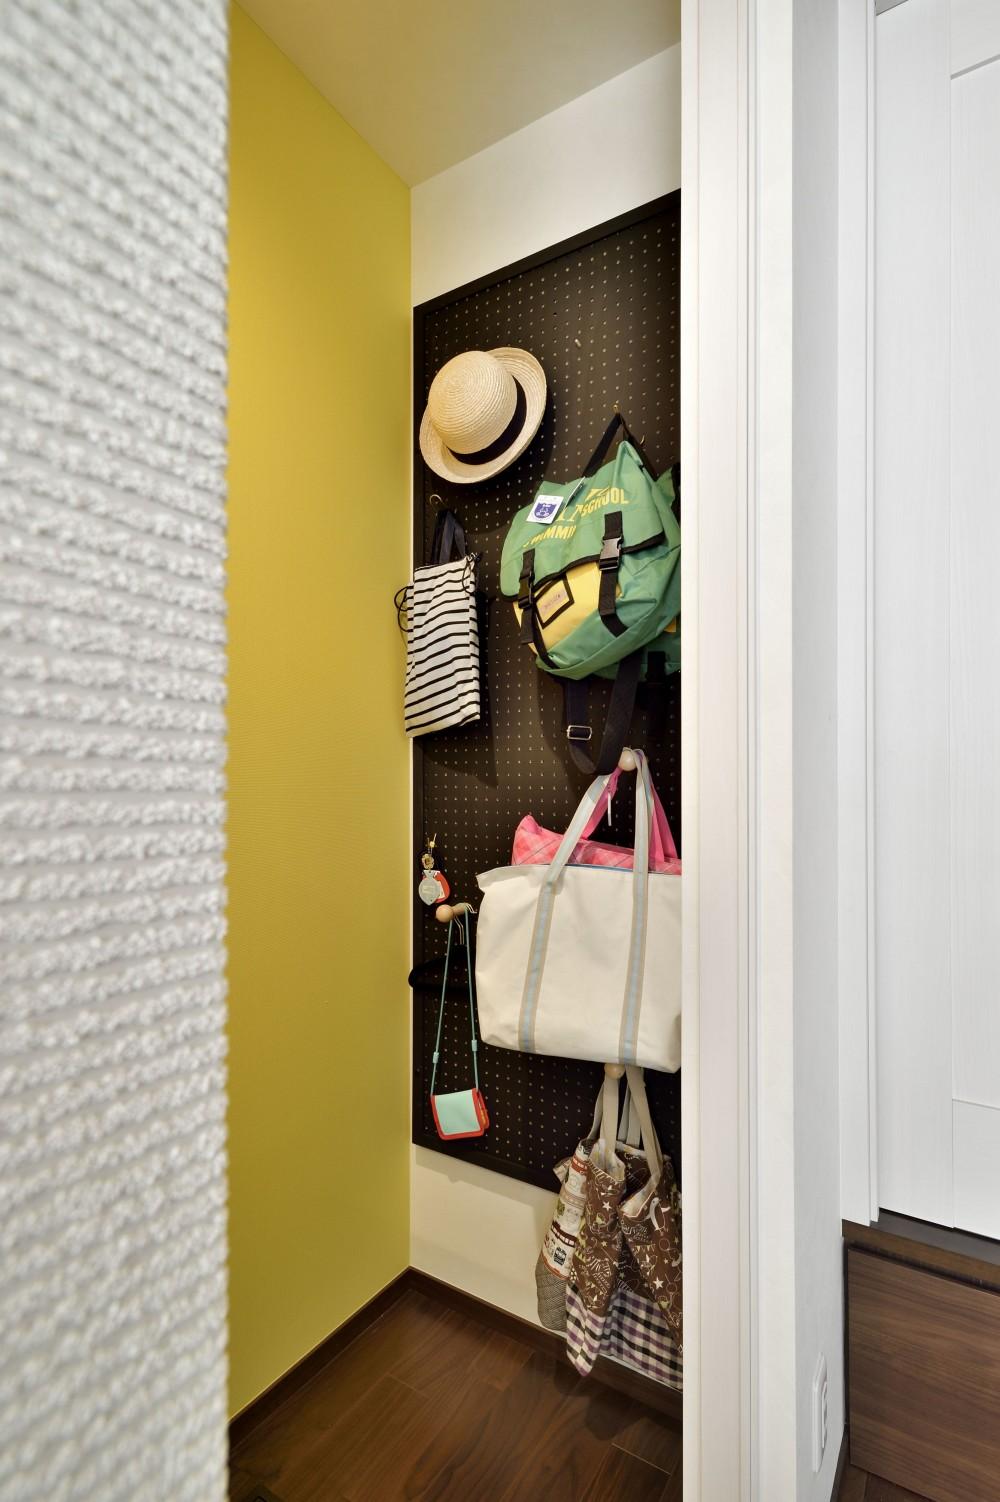 キッチンを家の中心に配置。便利な家事動線と子供を常に見守れる間取りにリフォーム。 (壁面裏を収納として活用)